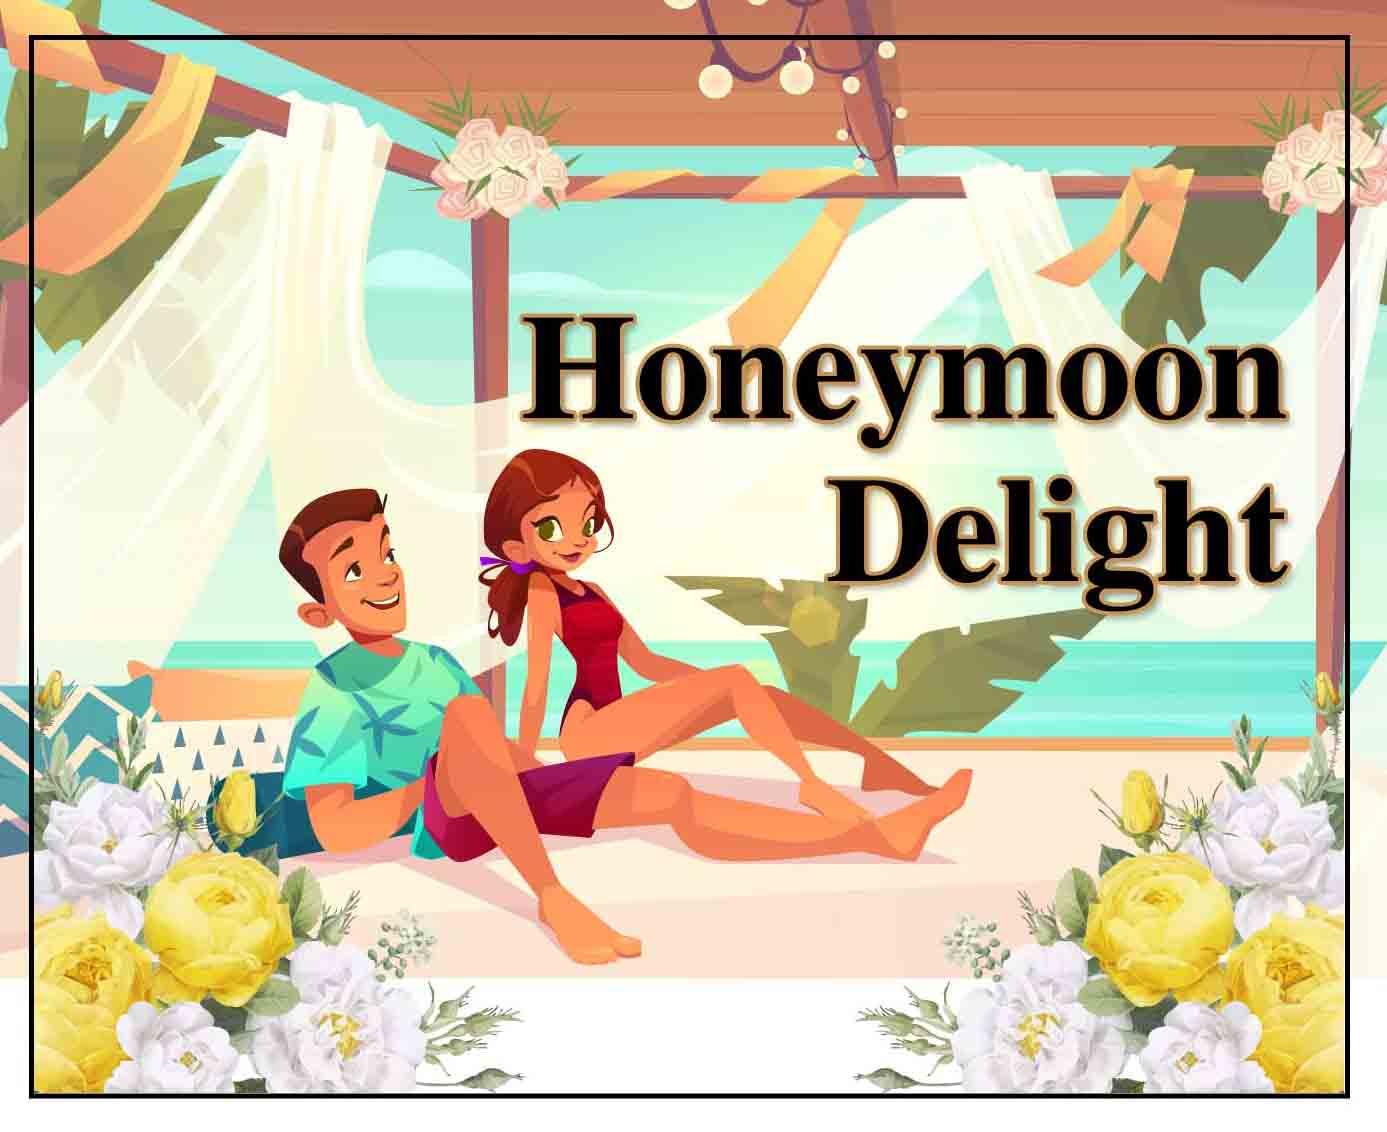 Honeymoon Delight: What Is Your Ideal Honeymoon?